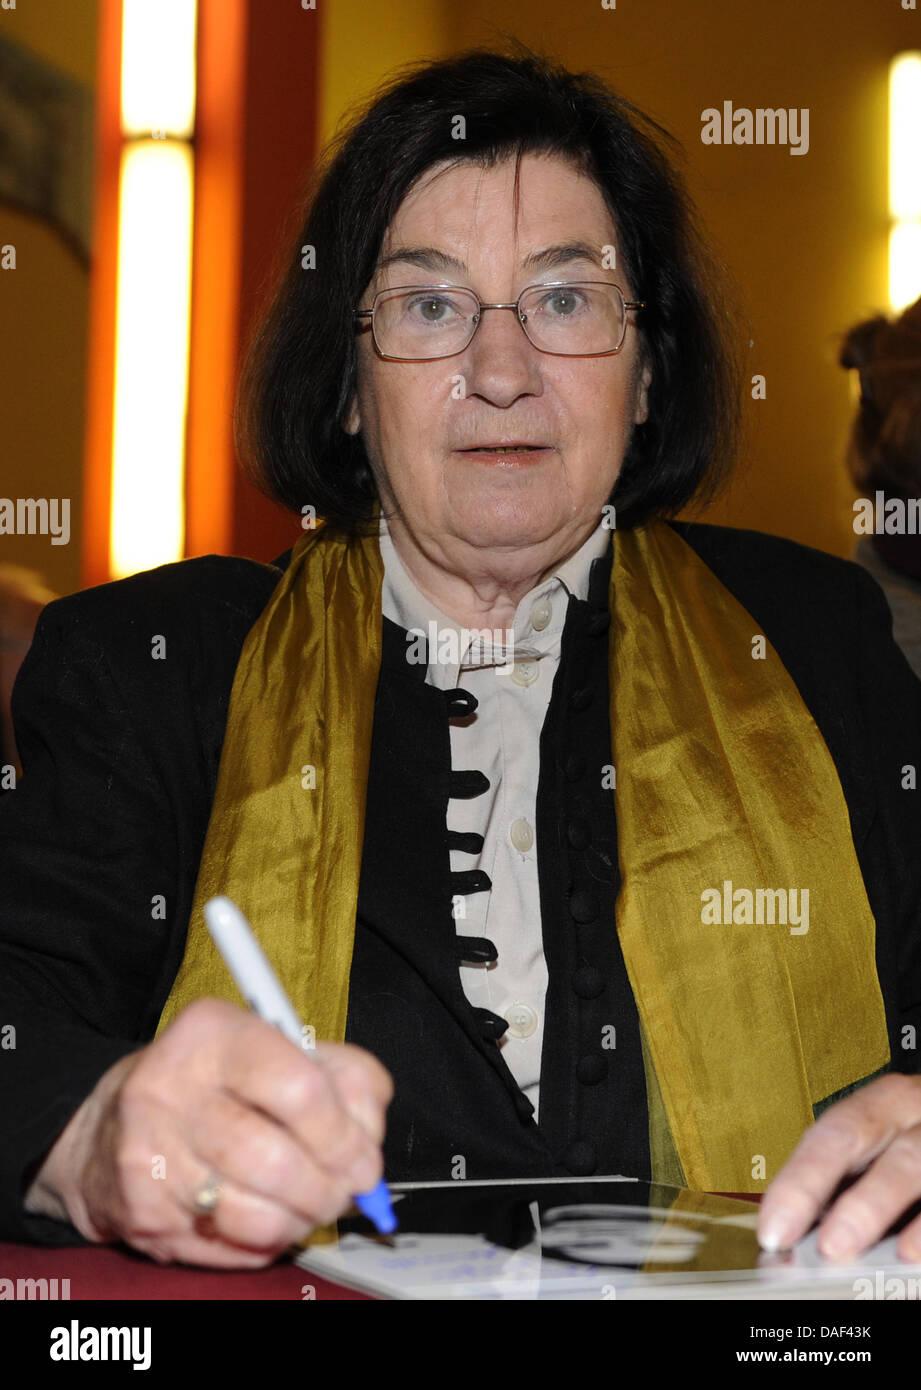 Archivo - Un archivo de imagen de fecha 13 de septiembre de 2009 muestra que la escritora alemana Christa Wolf en Foto de stock